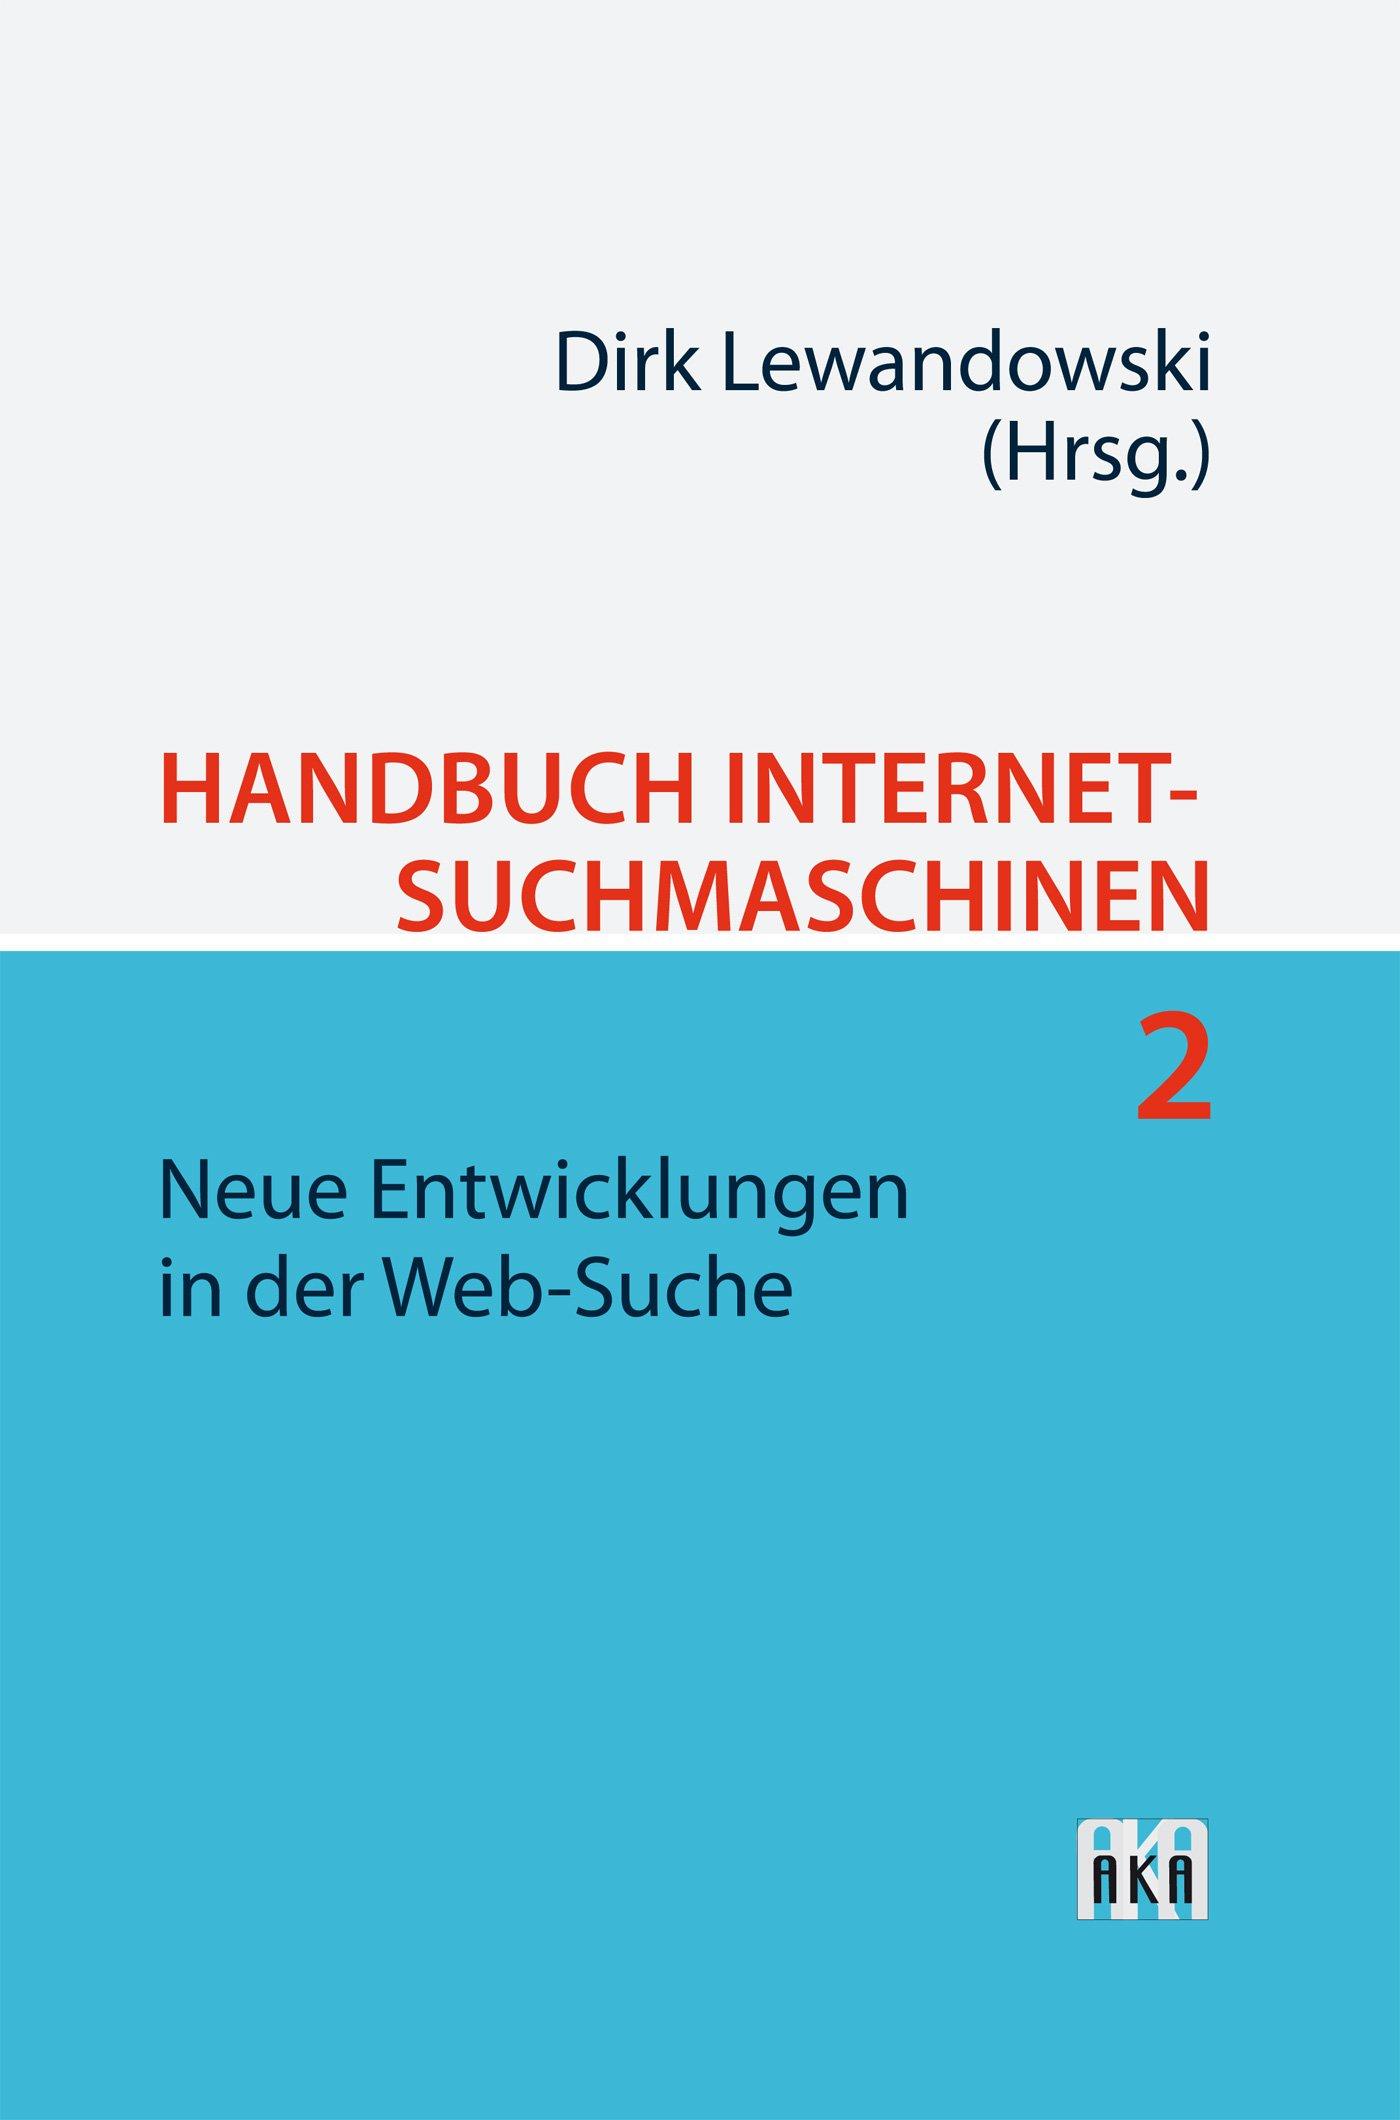 Handbuch Internet-Suchmaschinen 2: Neue Entwicklungen in der Web-Suche